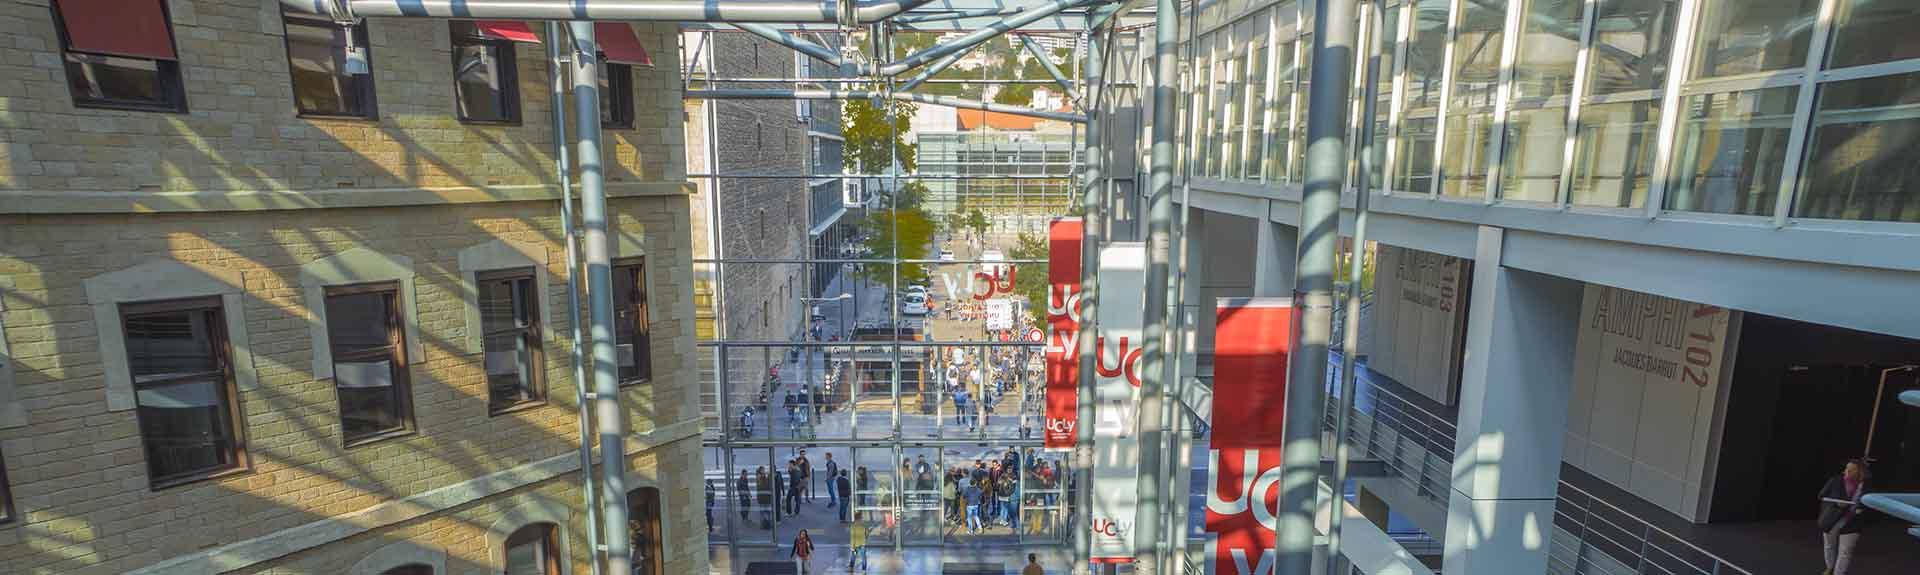 header - rue intérieure du campus st paul